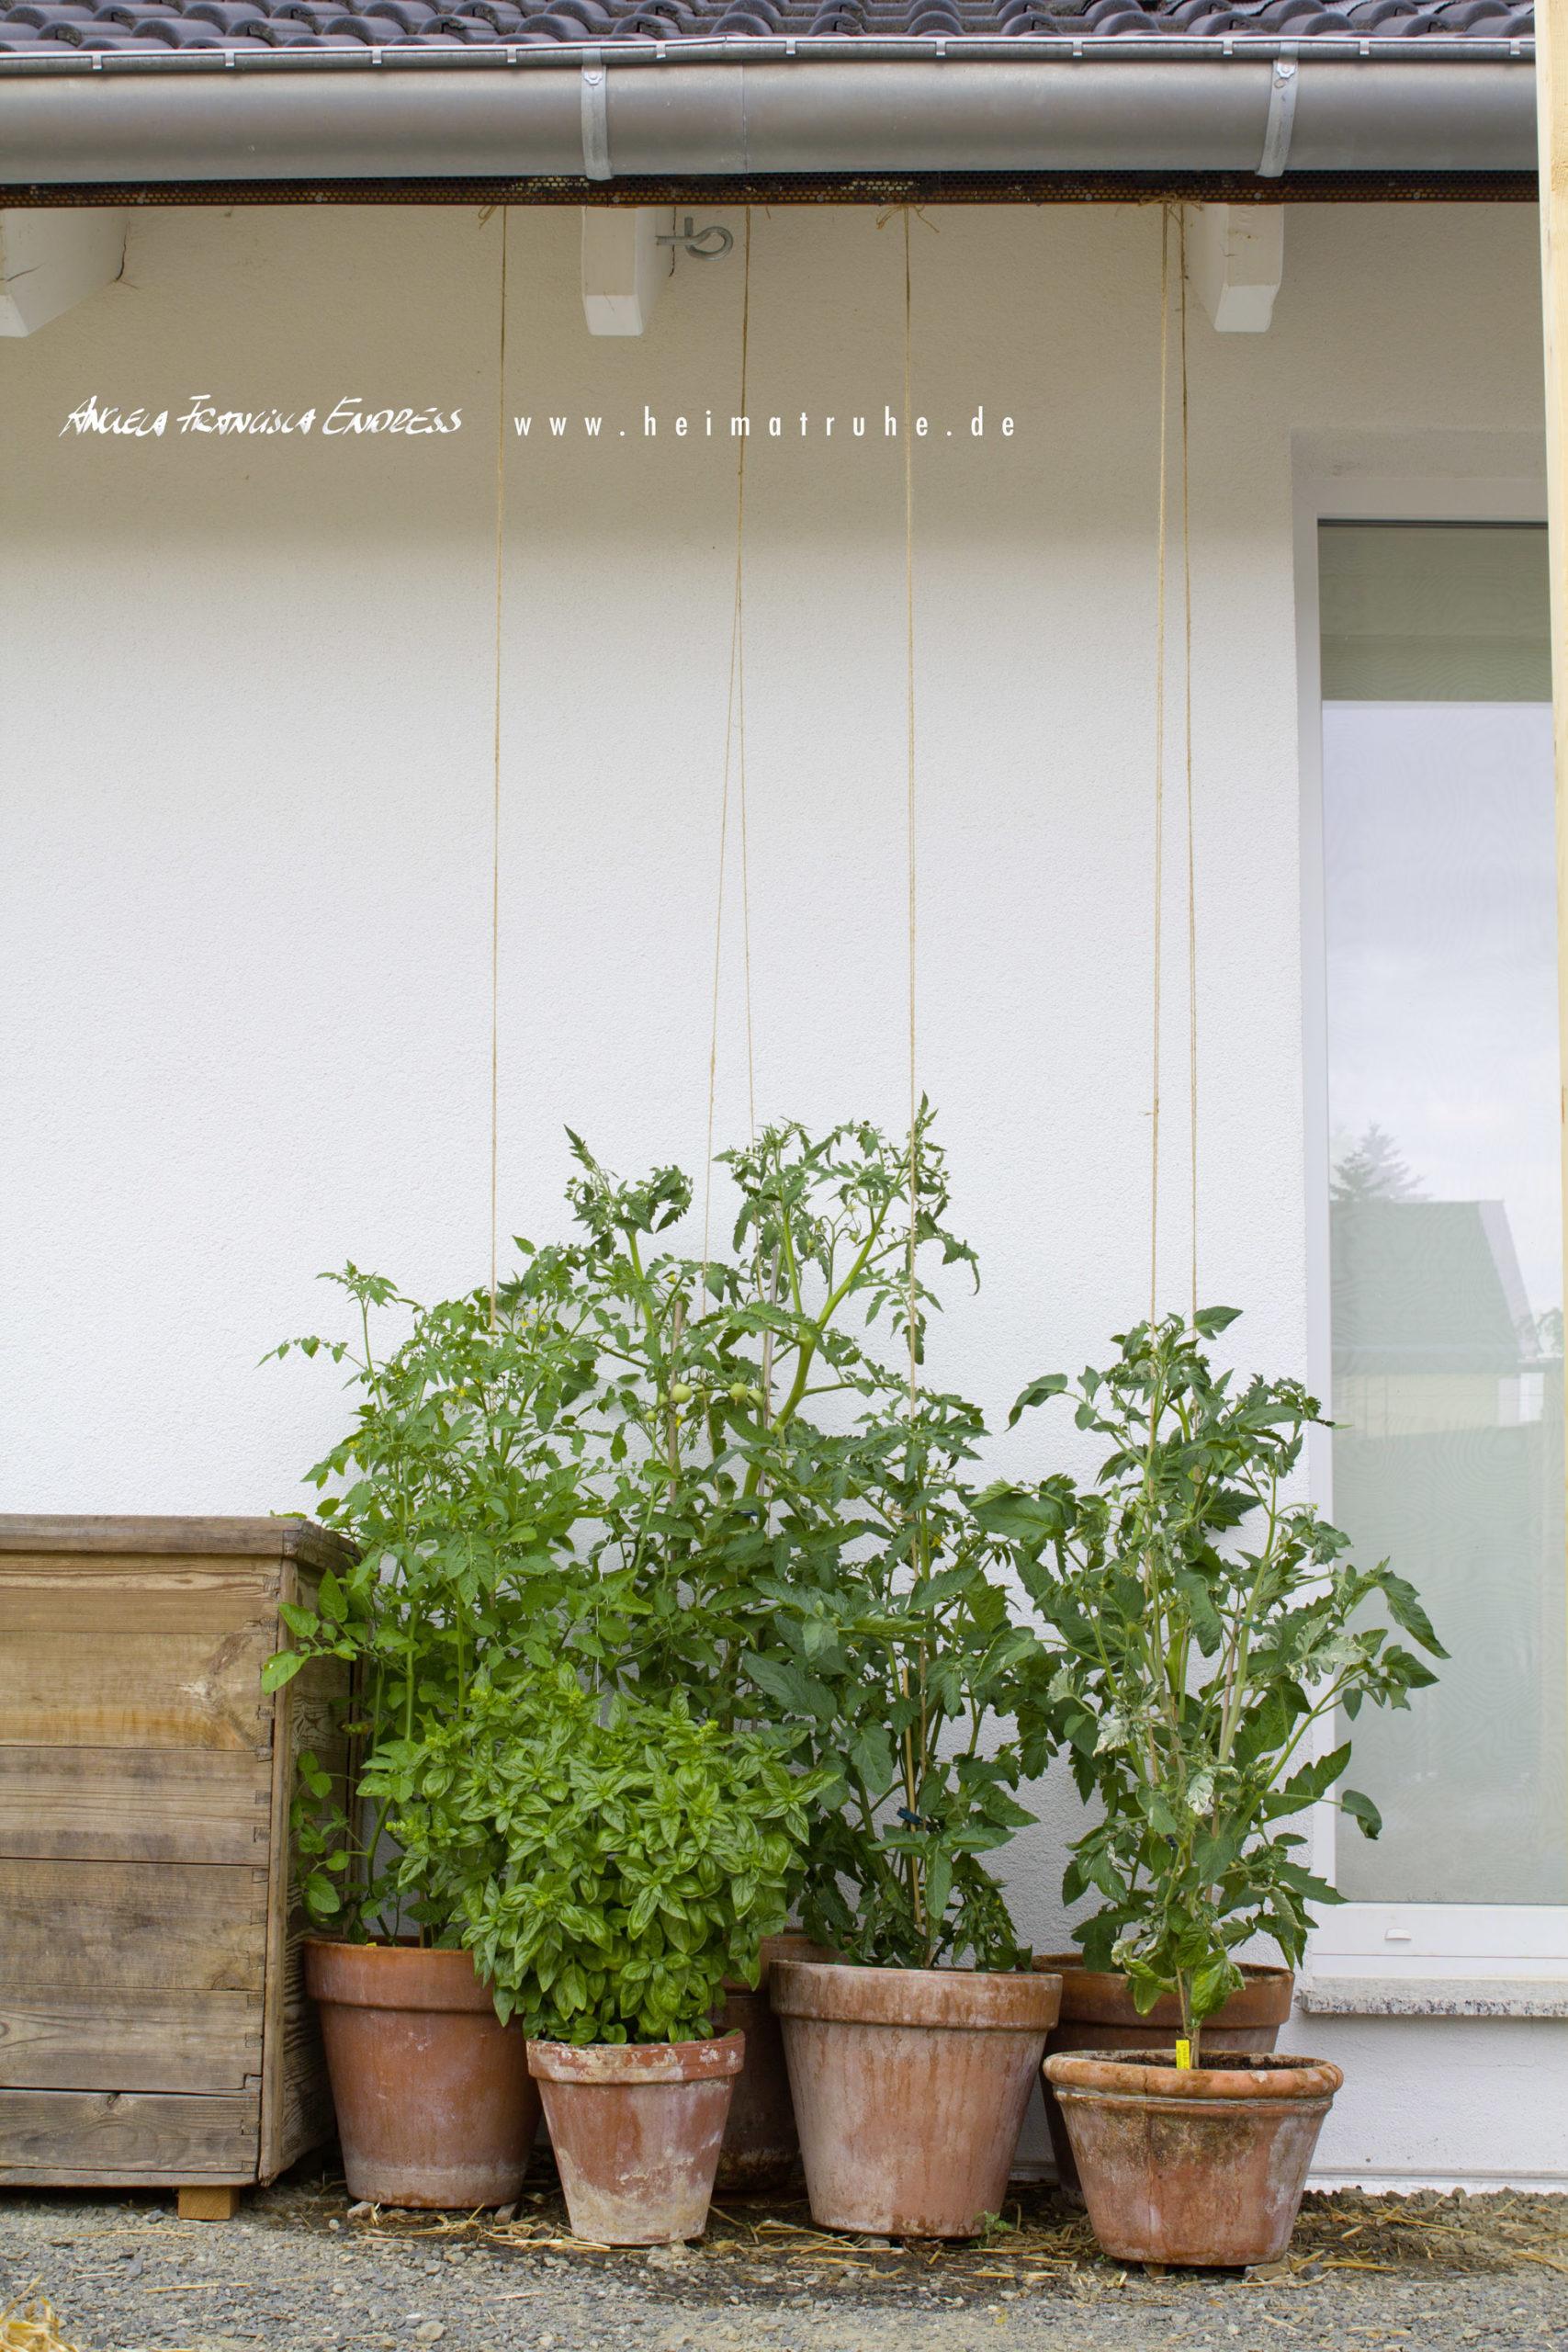 Tomaten in Töpfen angebunden unter dem Dach